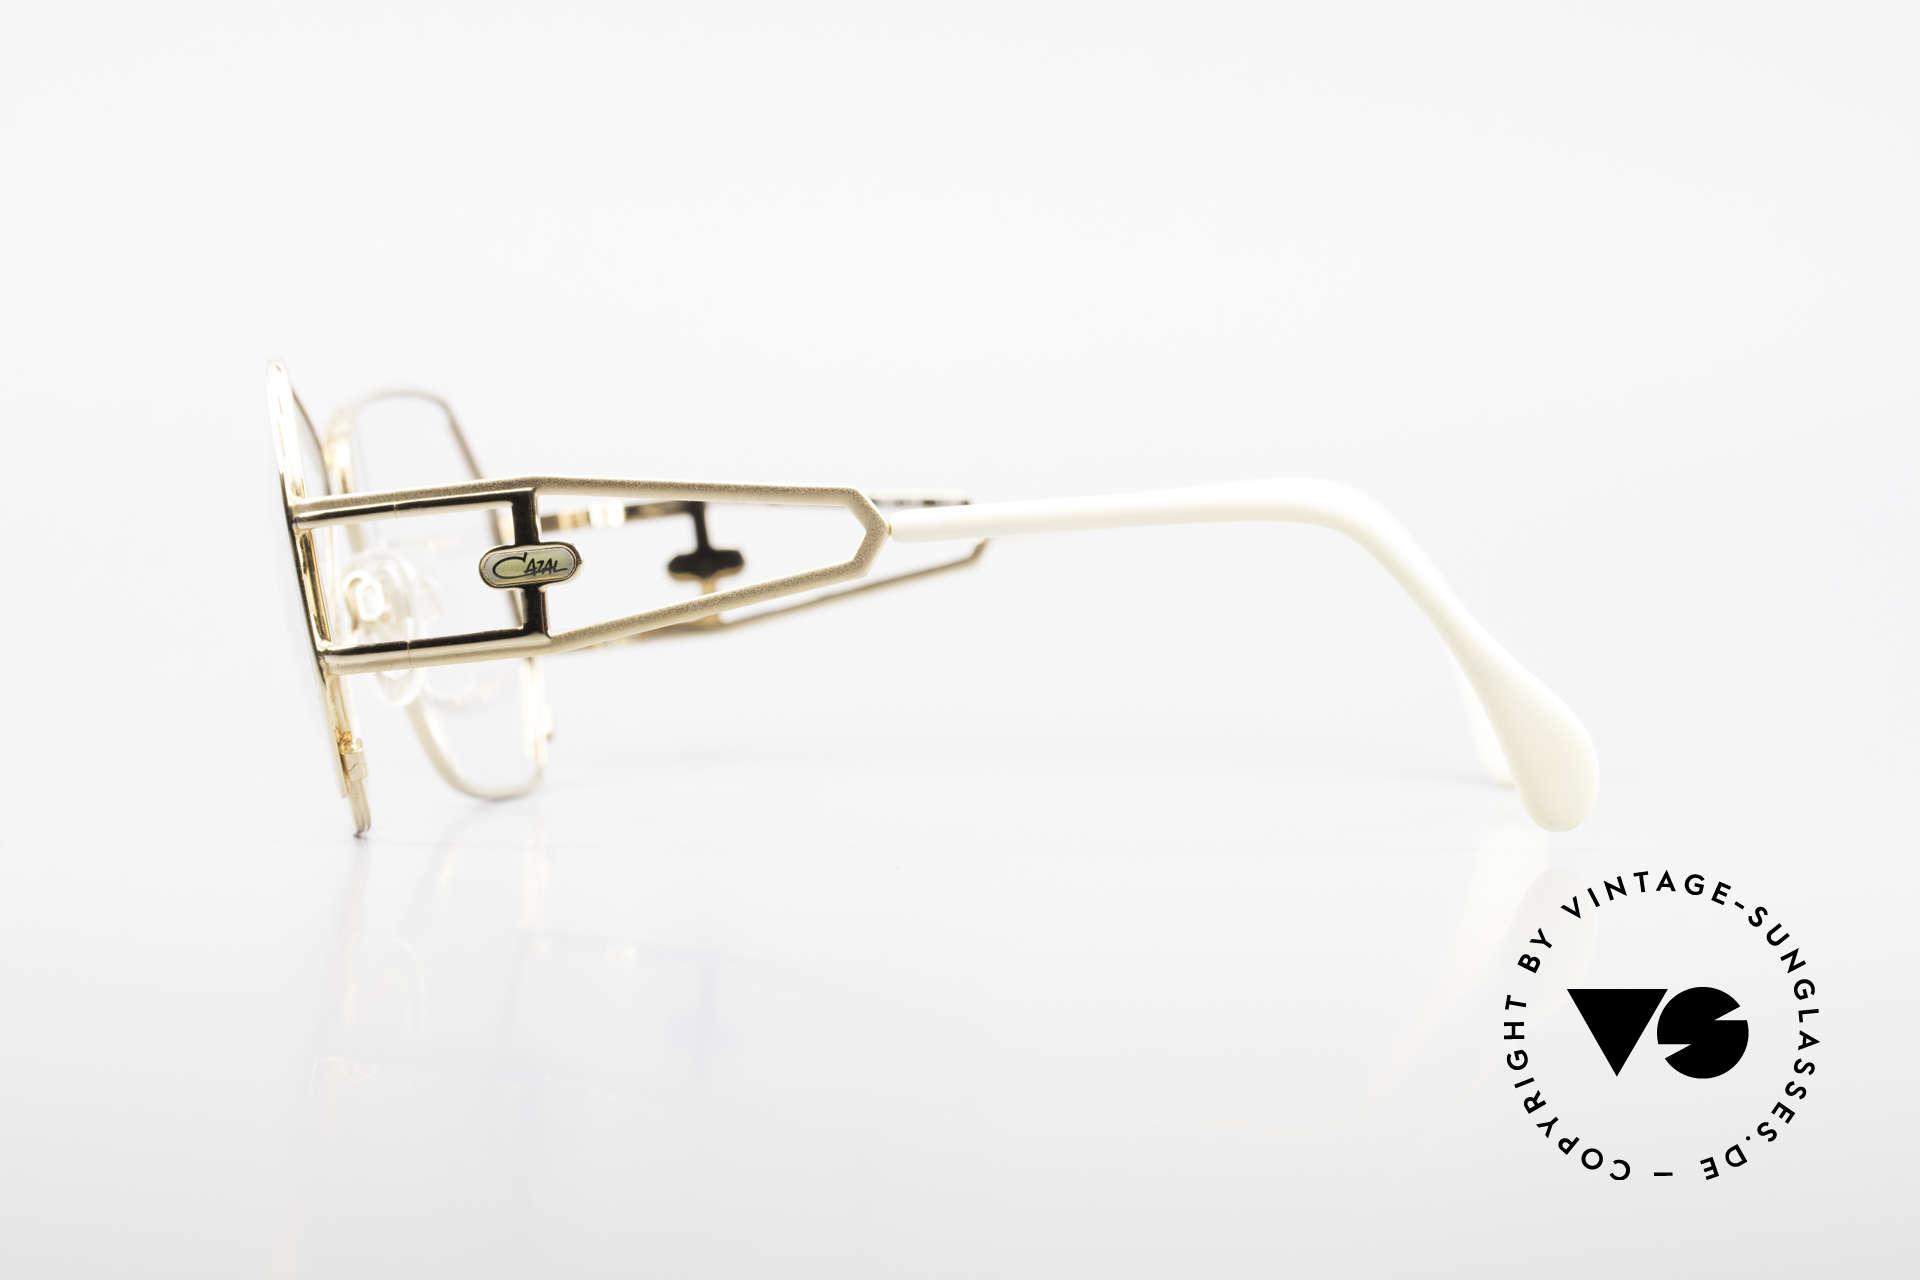 Cazal 225 Old School 80er HipHop Brille, ungetragen (wie alle unsere alten Designer-Originale), Passend für Damen